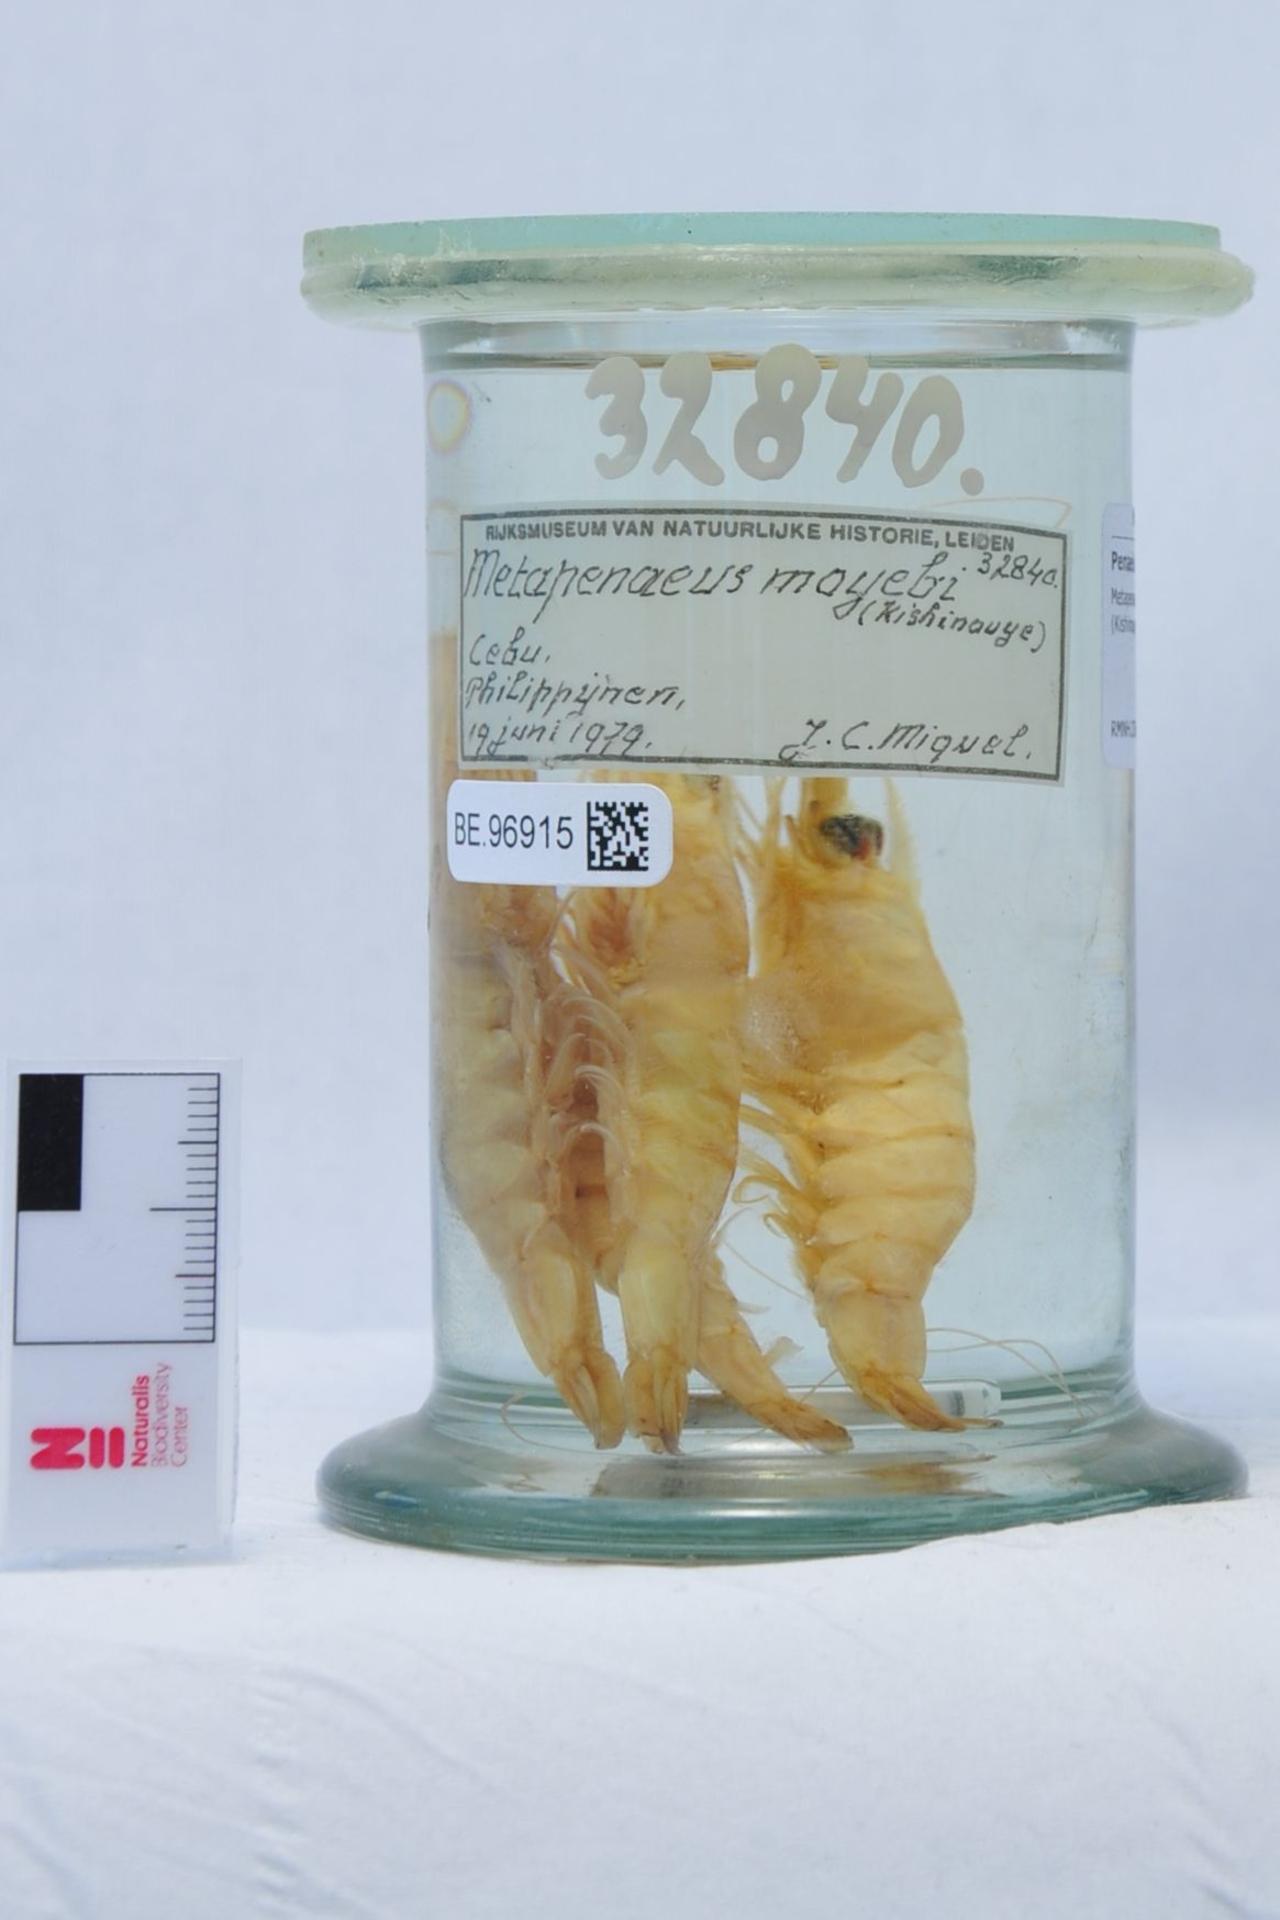 RMNH.CRUS.D.32840   Metapenaeus moyebi (Kishinouye,1896)